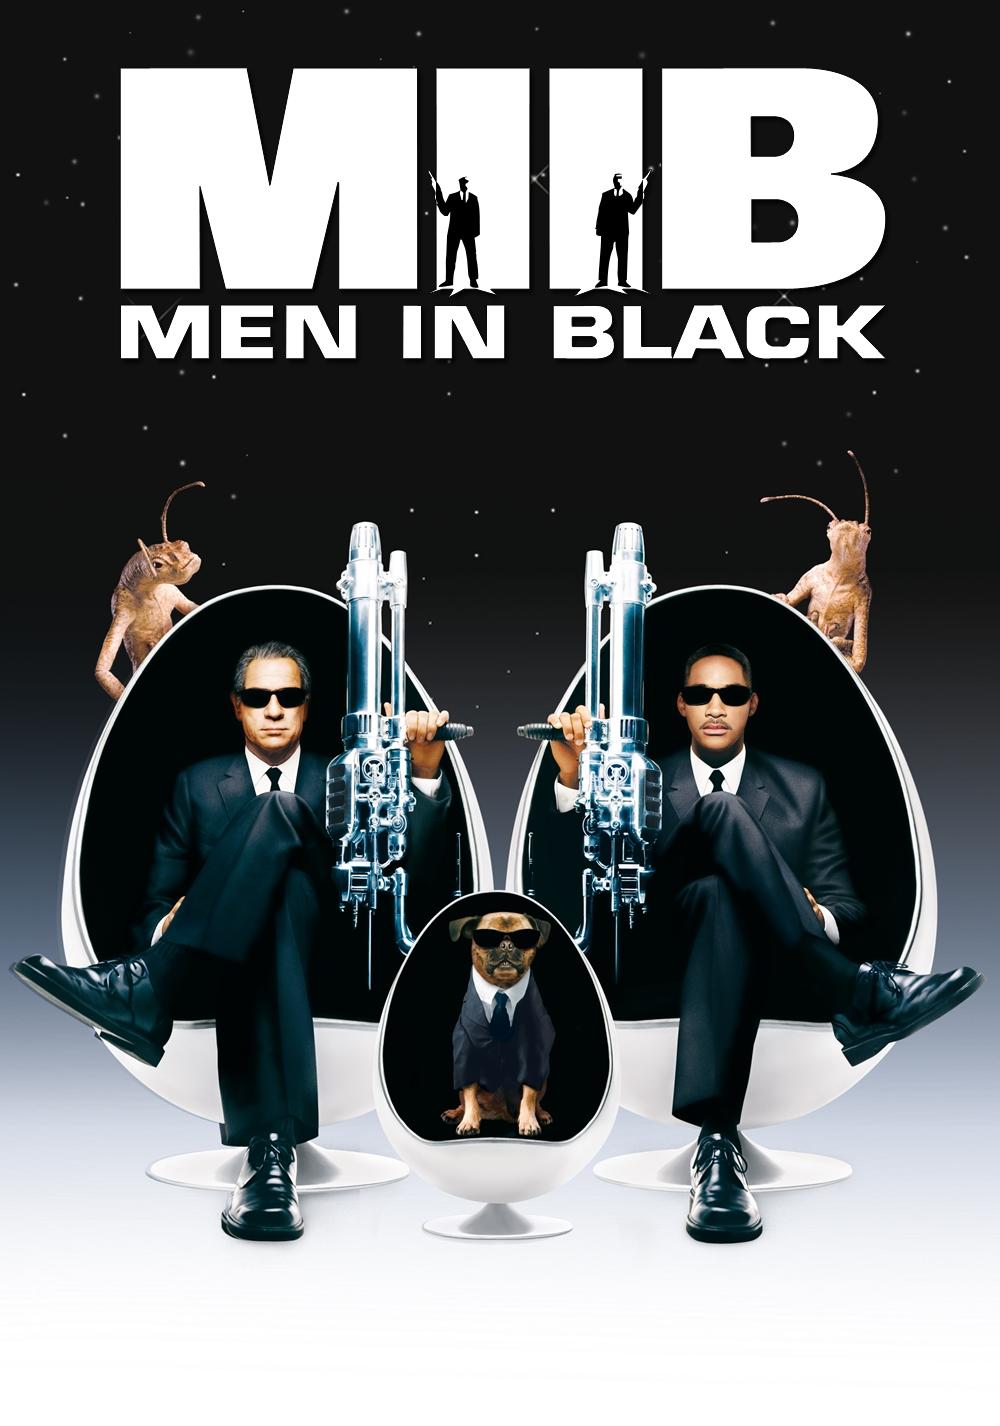 men in black - photo #15